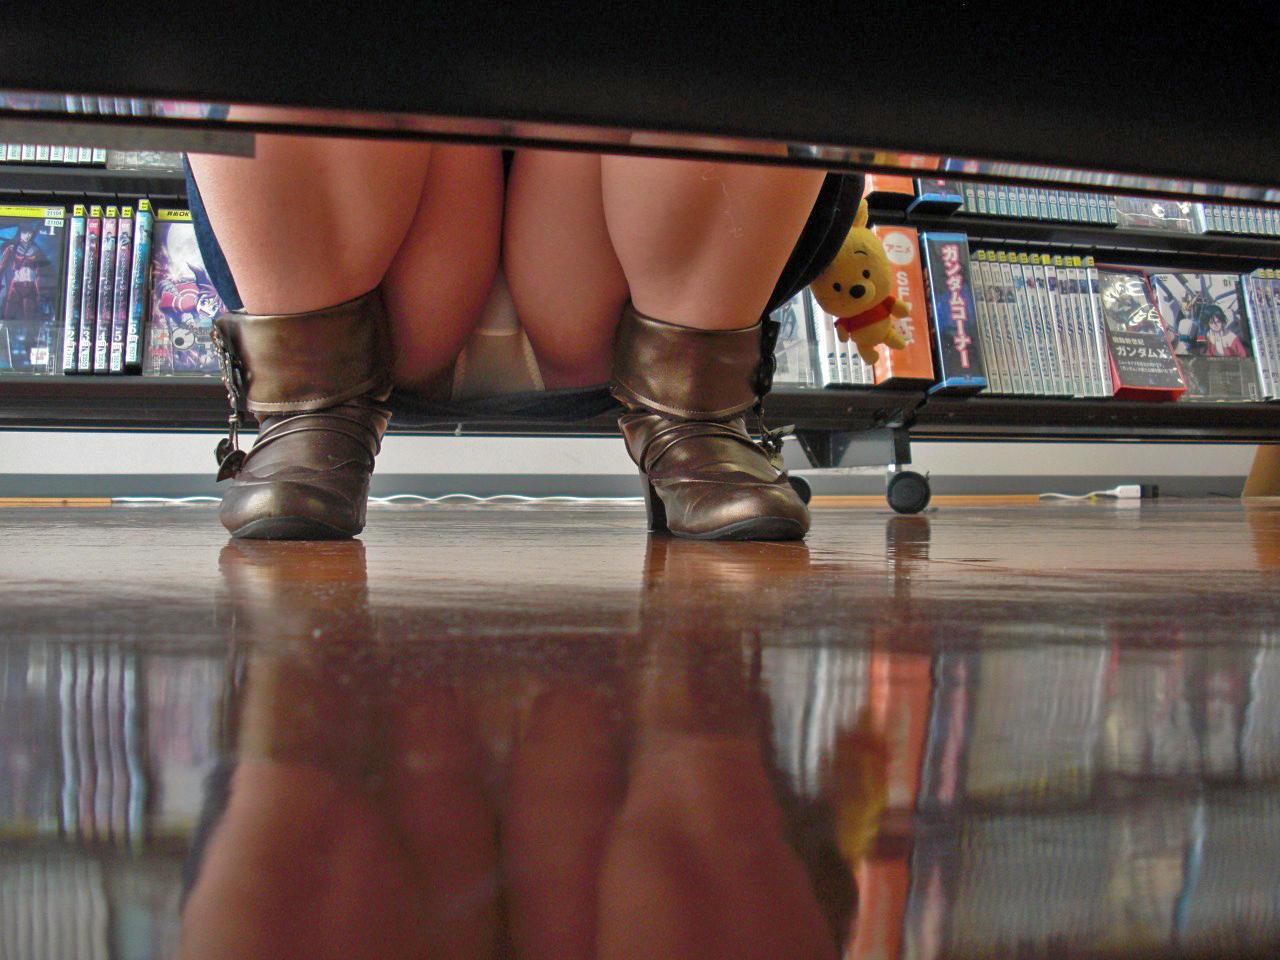 【パンチラエロ画像】下から丸見え!悠長に物色中の座り女子を棚越しに激写www 28